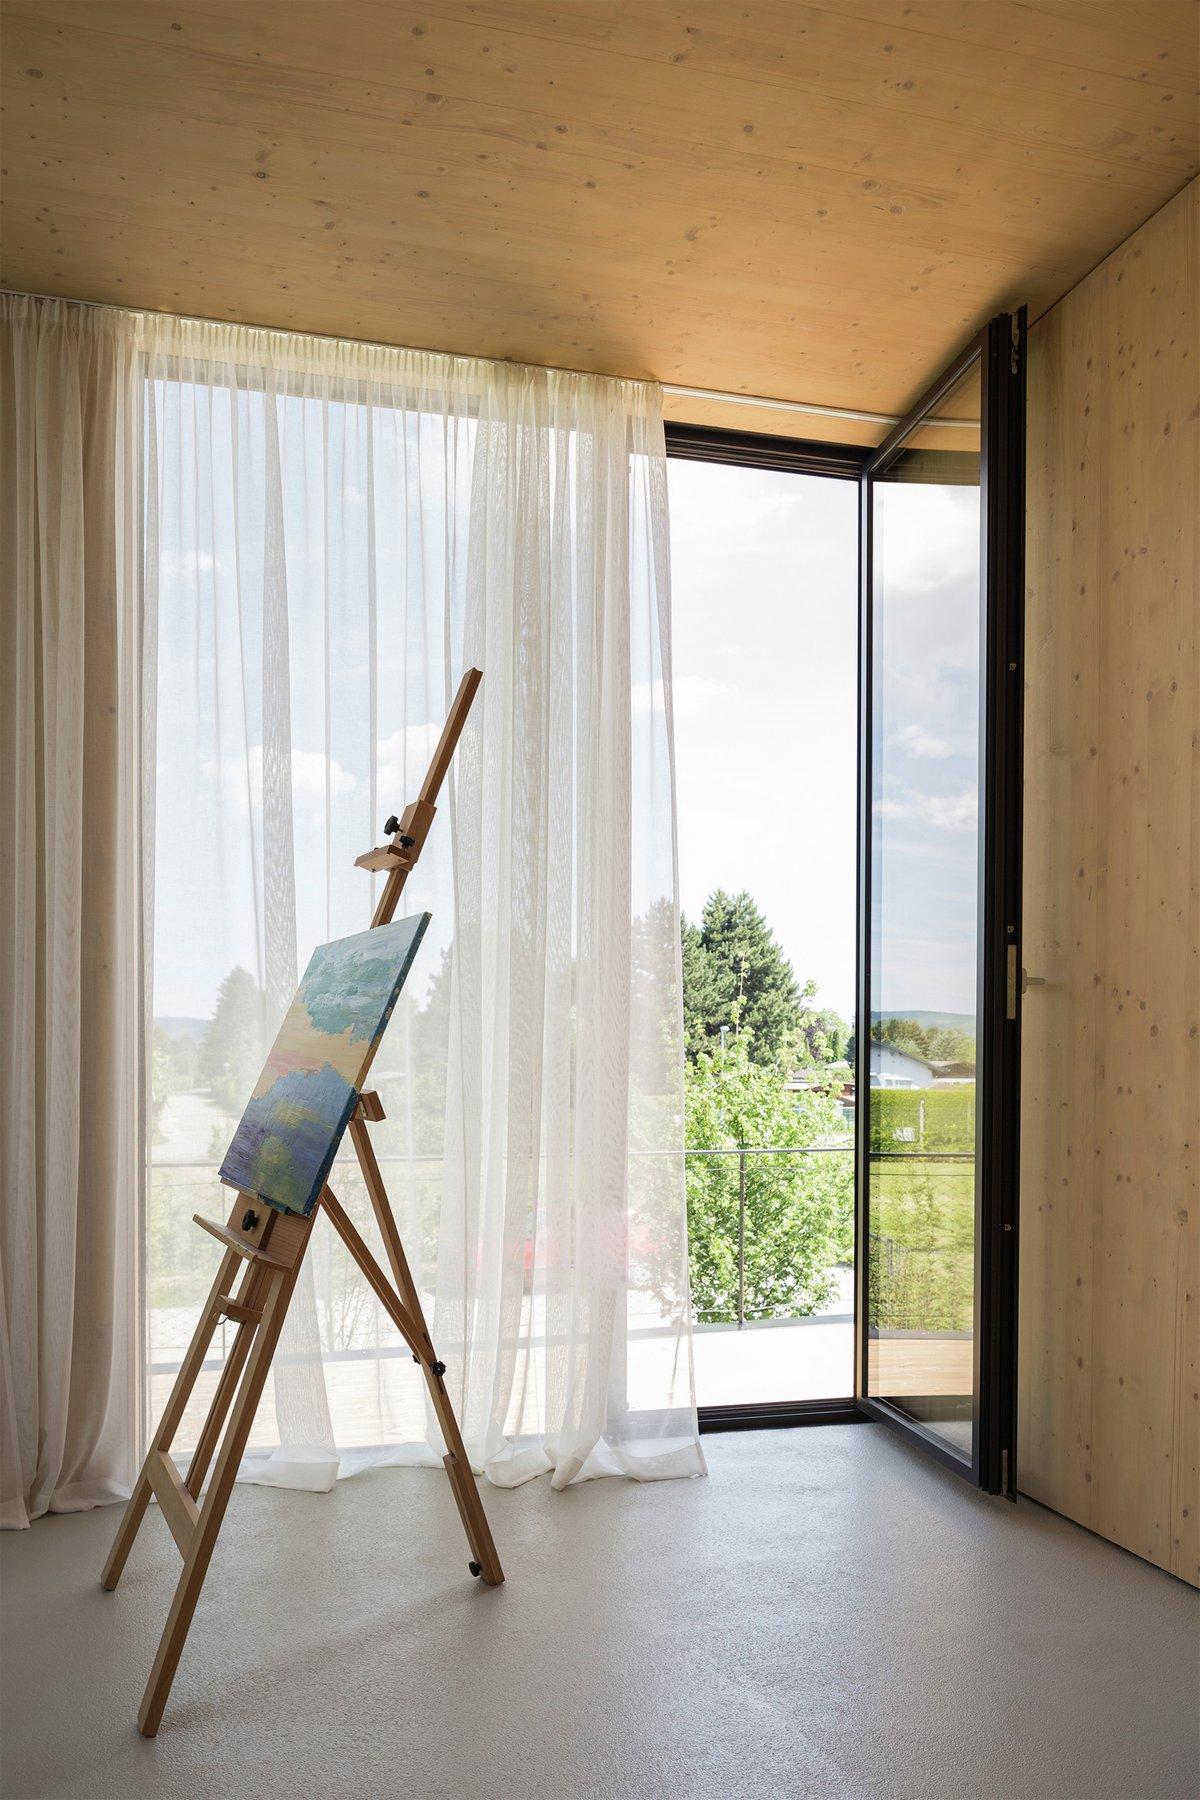 Maximilian Eisenkock, дом в деревне на берегу озера, дом в форме подковы, печь бренеран в доме, панорамное остекление частного дома, дома в Австрии